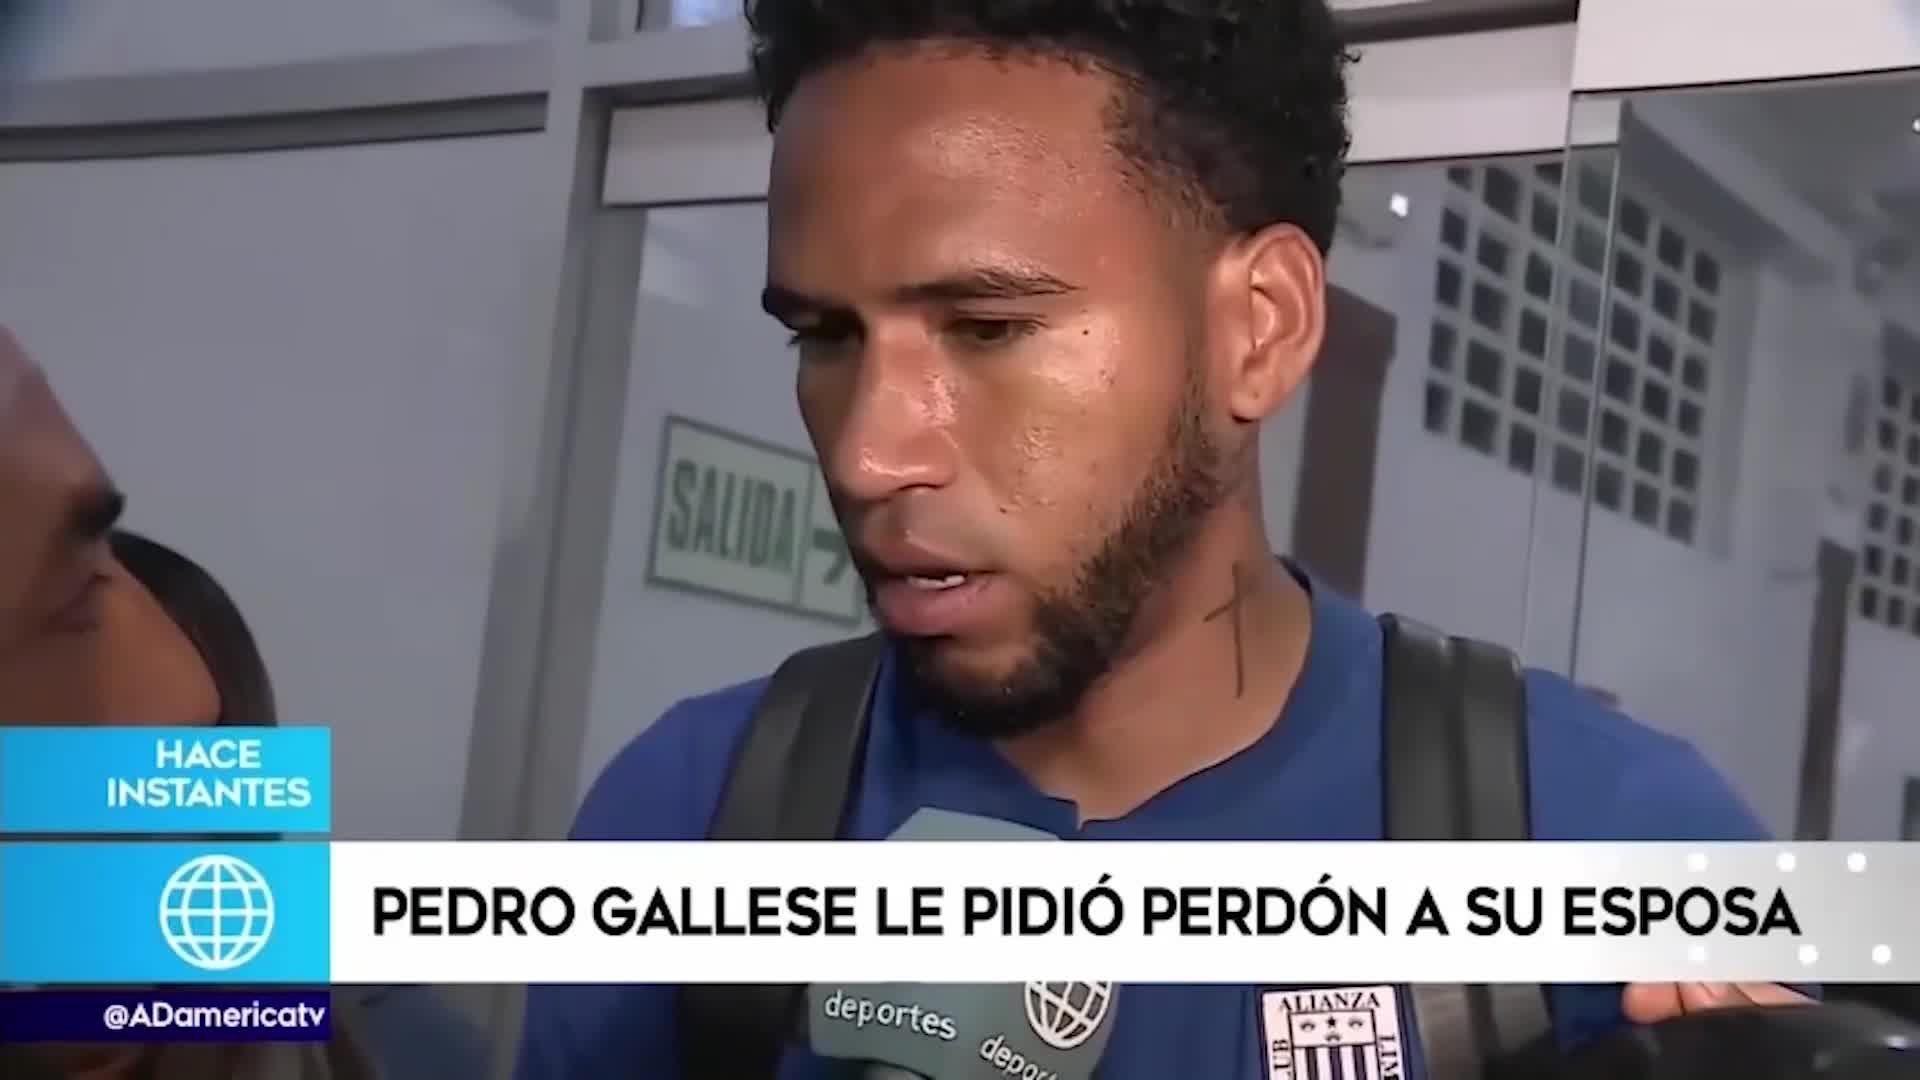 Pedro Gallese dedica la semifinal a su a su esposa y pide una oportunidad